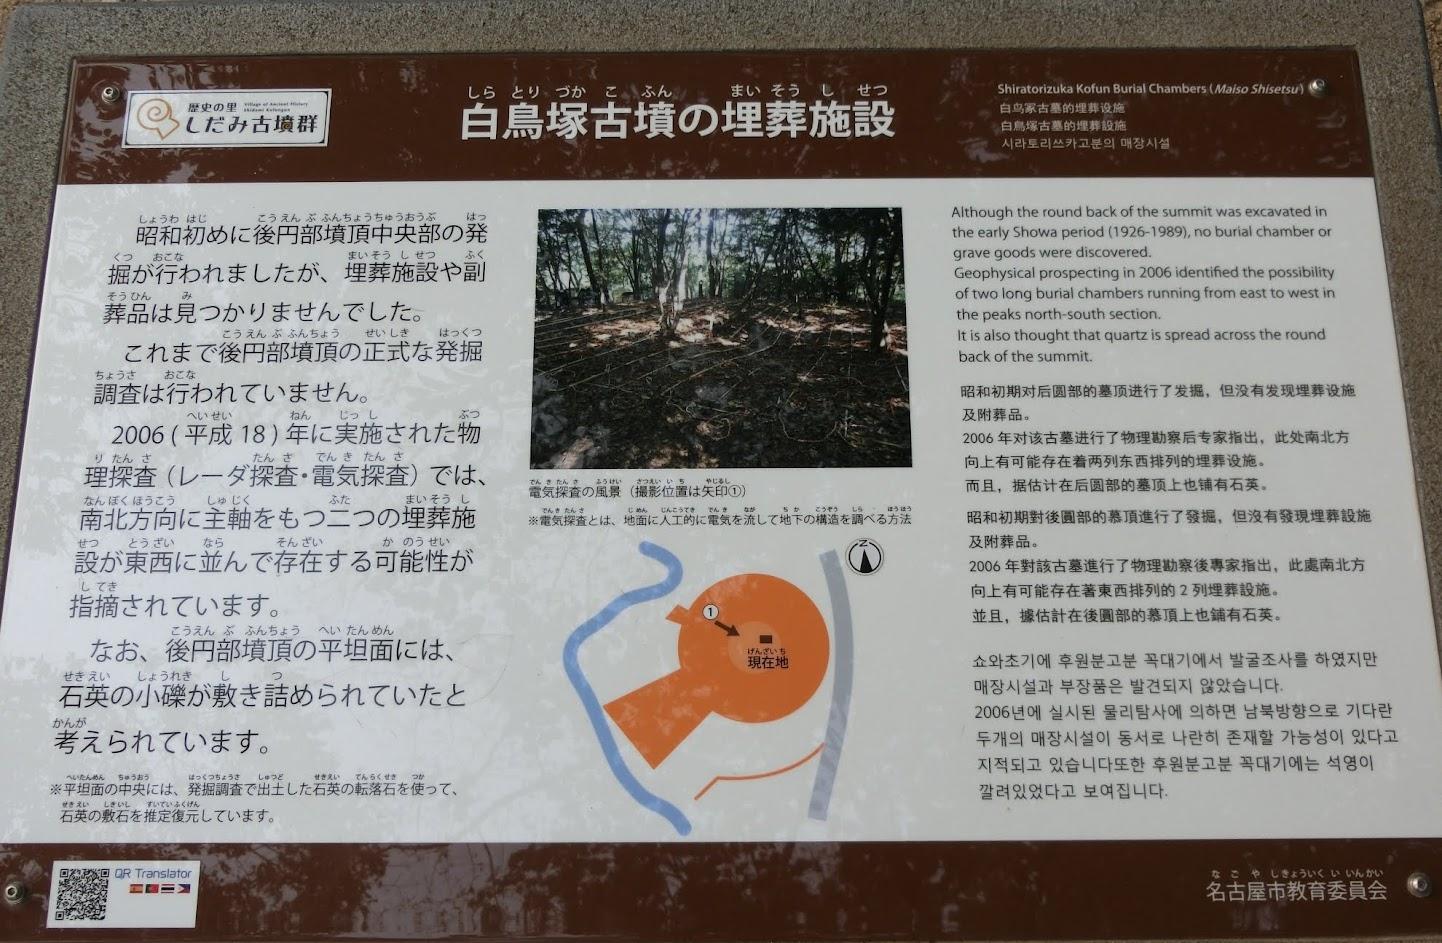 白鳥塚古墳の埋葬施設説明